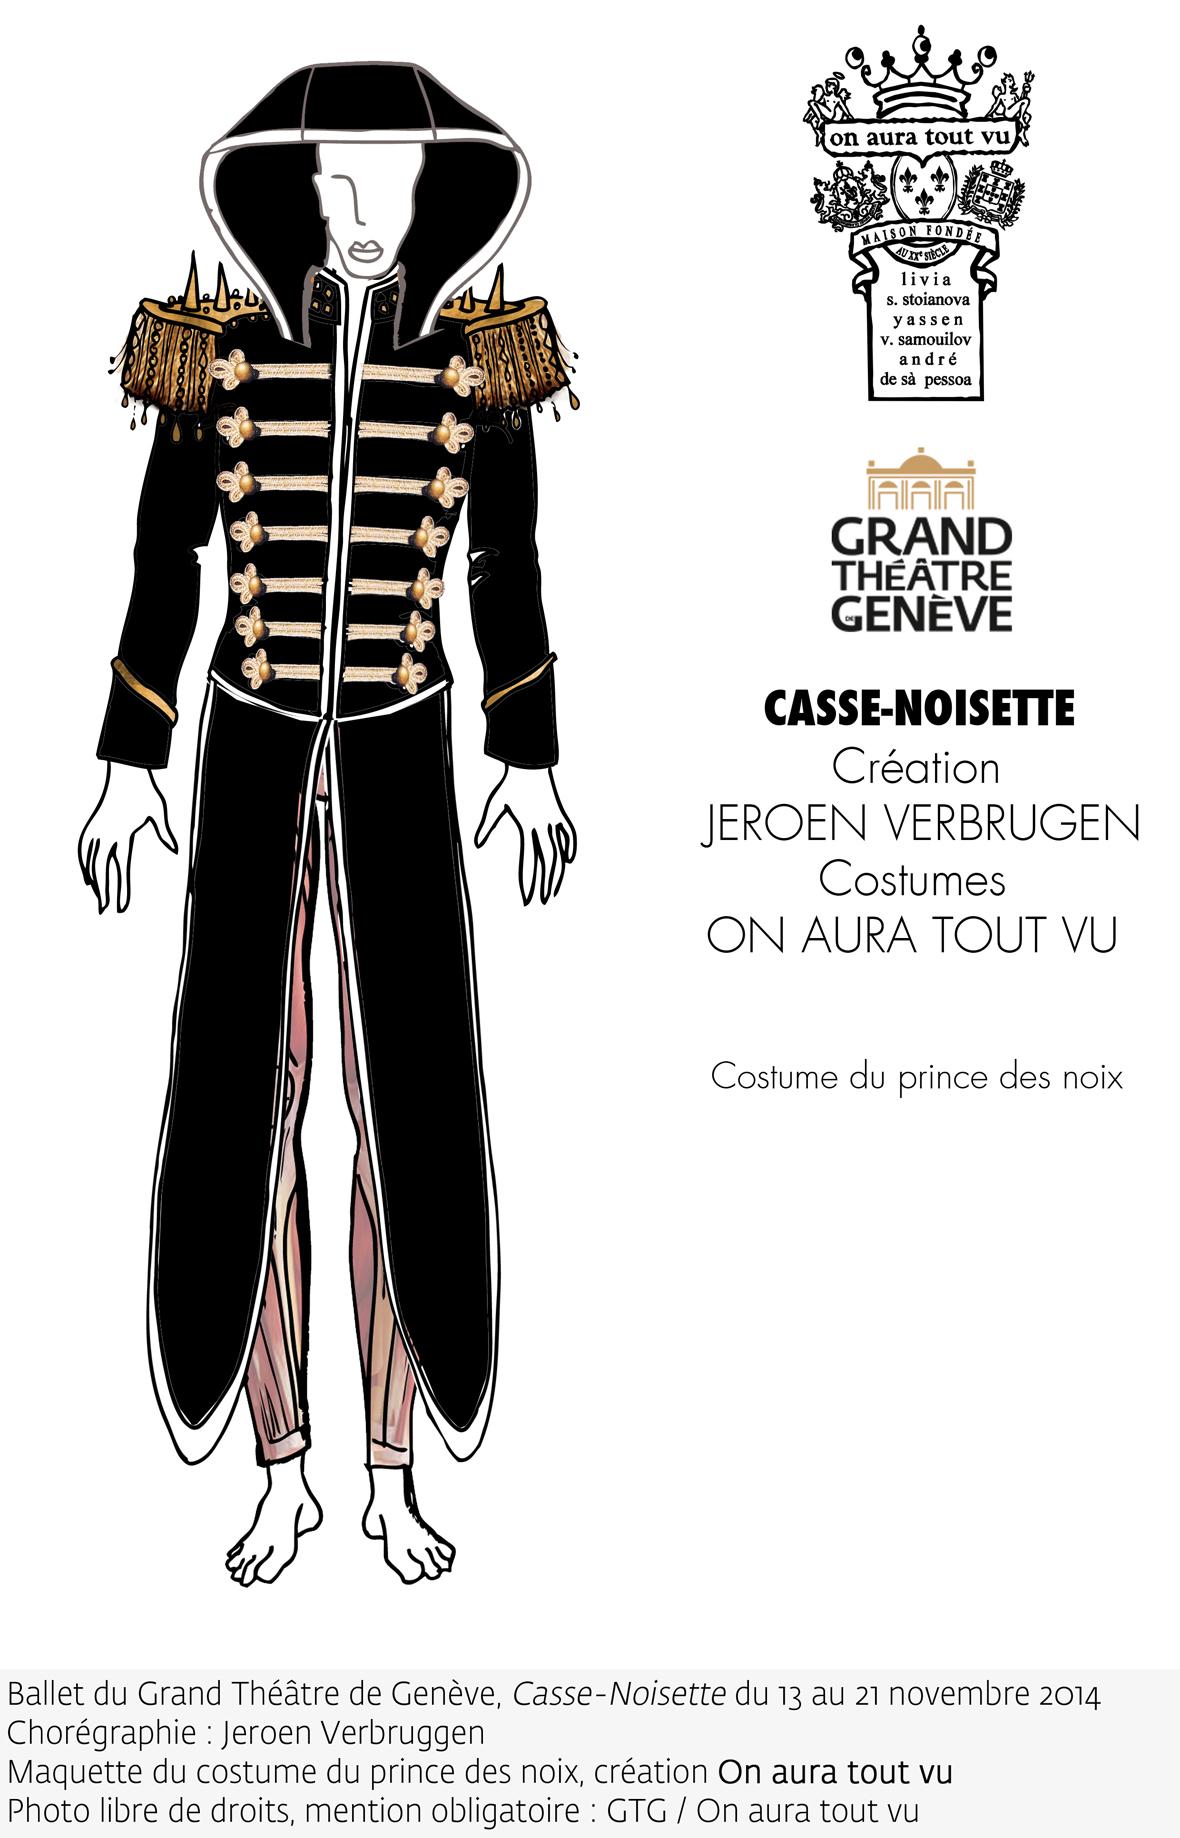 Casse-Noisette_prince_des_noix_Credit_Onauratoutvu